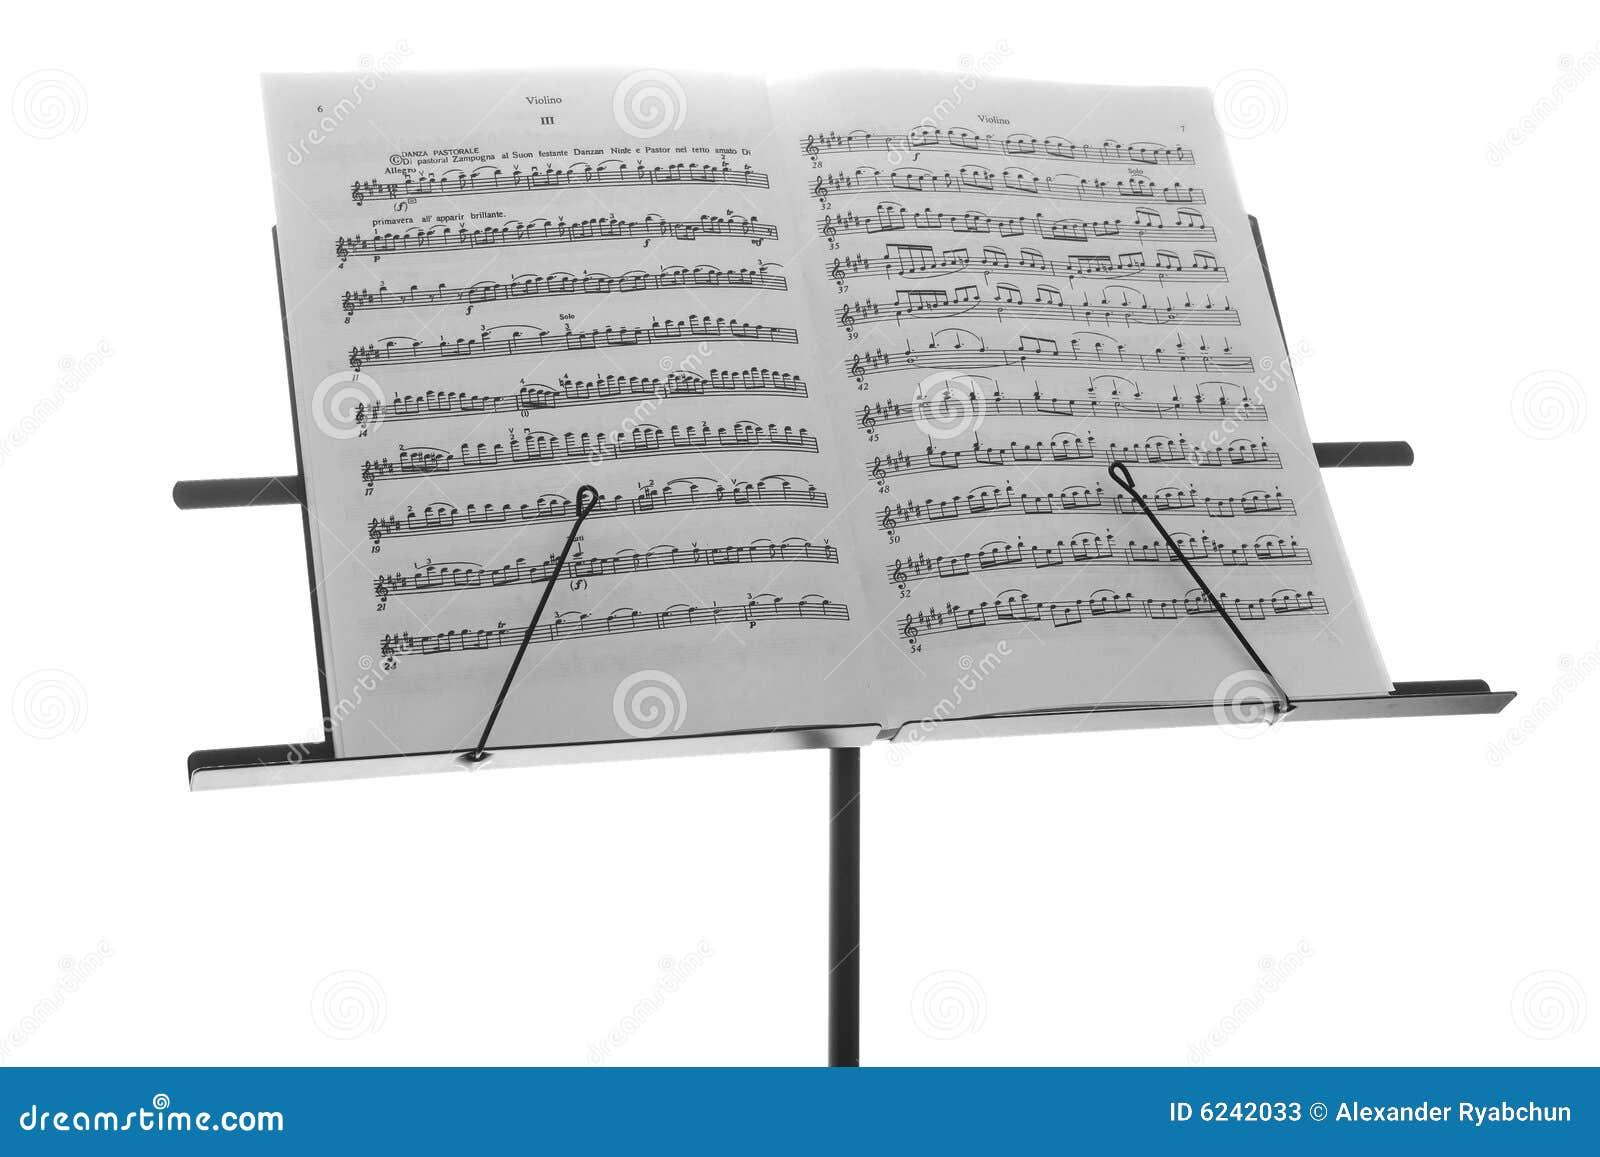 musique en m tal de bureau de livre noir image stock image du papier musique 6242033. Black Bedroom Furniture Sets. Home Design Ideas